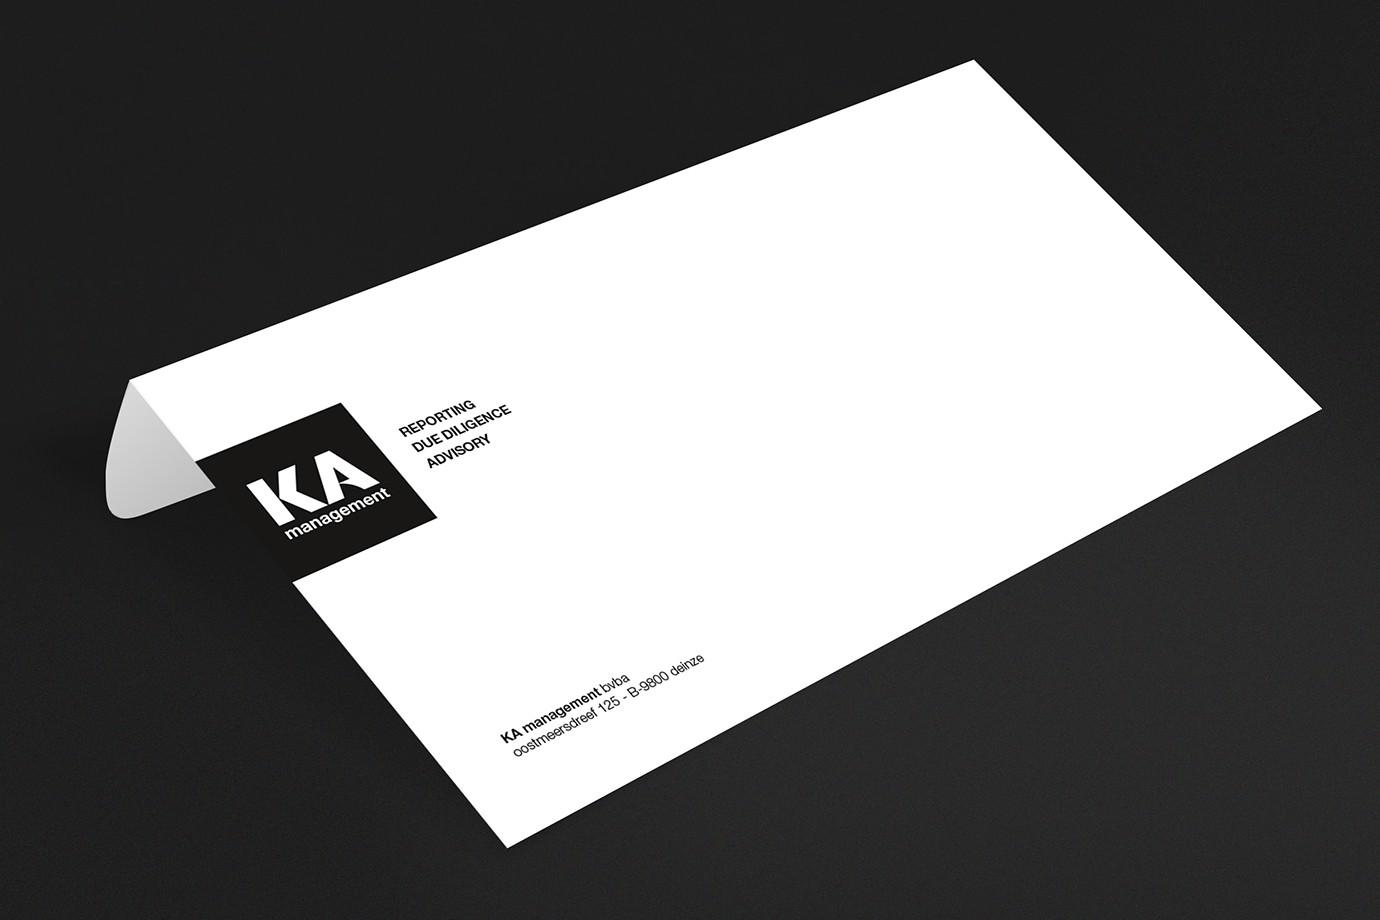 KA management envelop